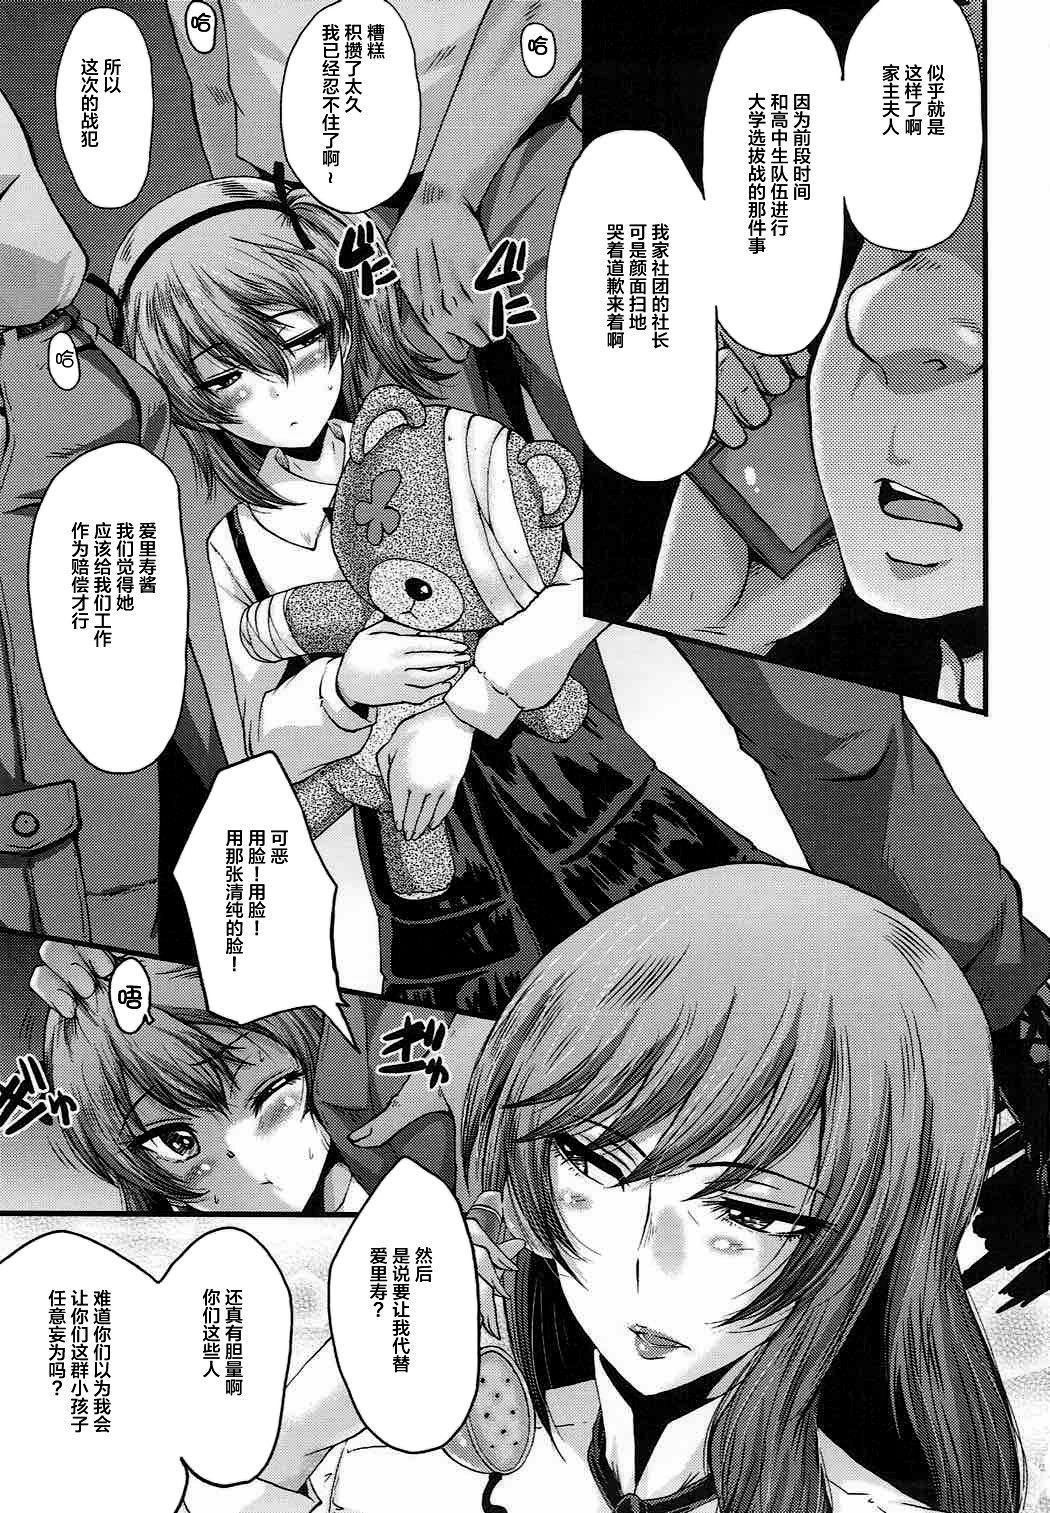 Urabambi Vol. 55 Yuukan Madam no Shiroi Niku 1